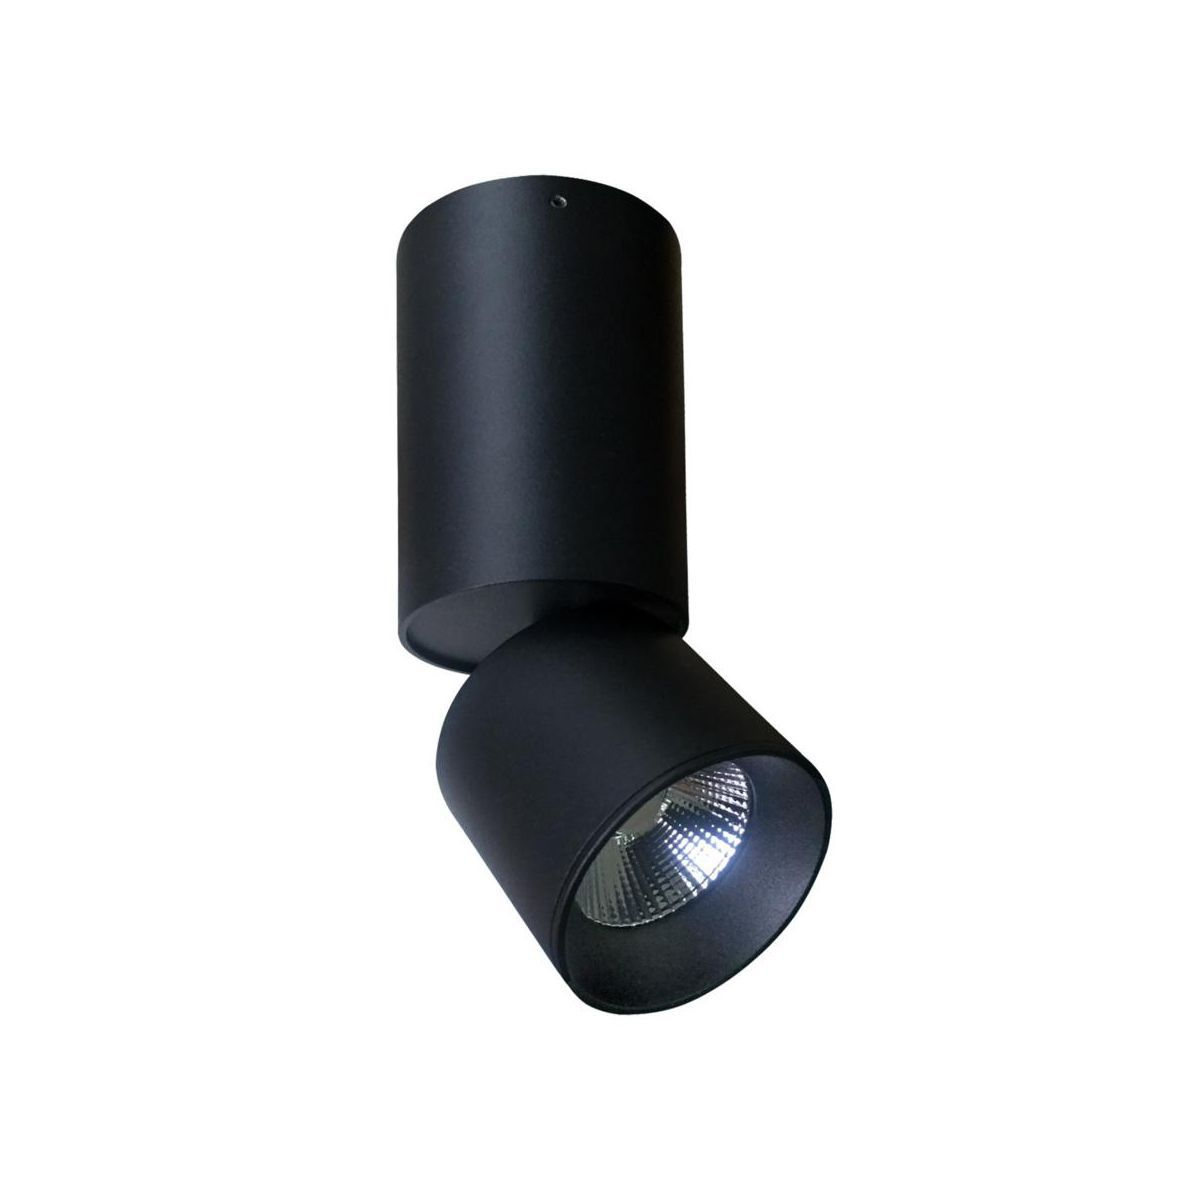 Oprawa Stropowa Natynkowa Nixa Czarna Led Polux Platinium Oprawy Natynkowe W Atrakcyjnej Cenie W Sklepach Leroy Merlin Lamp